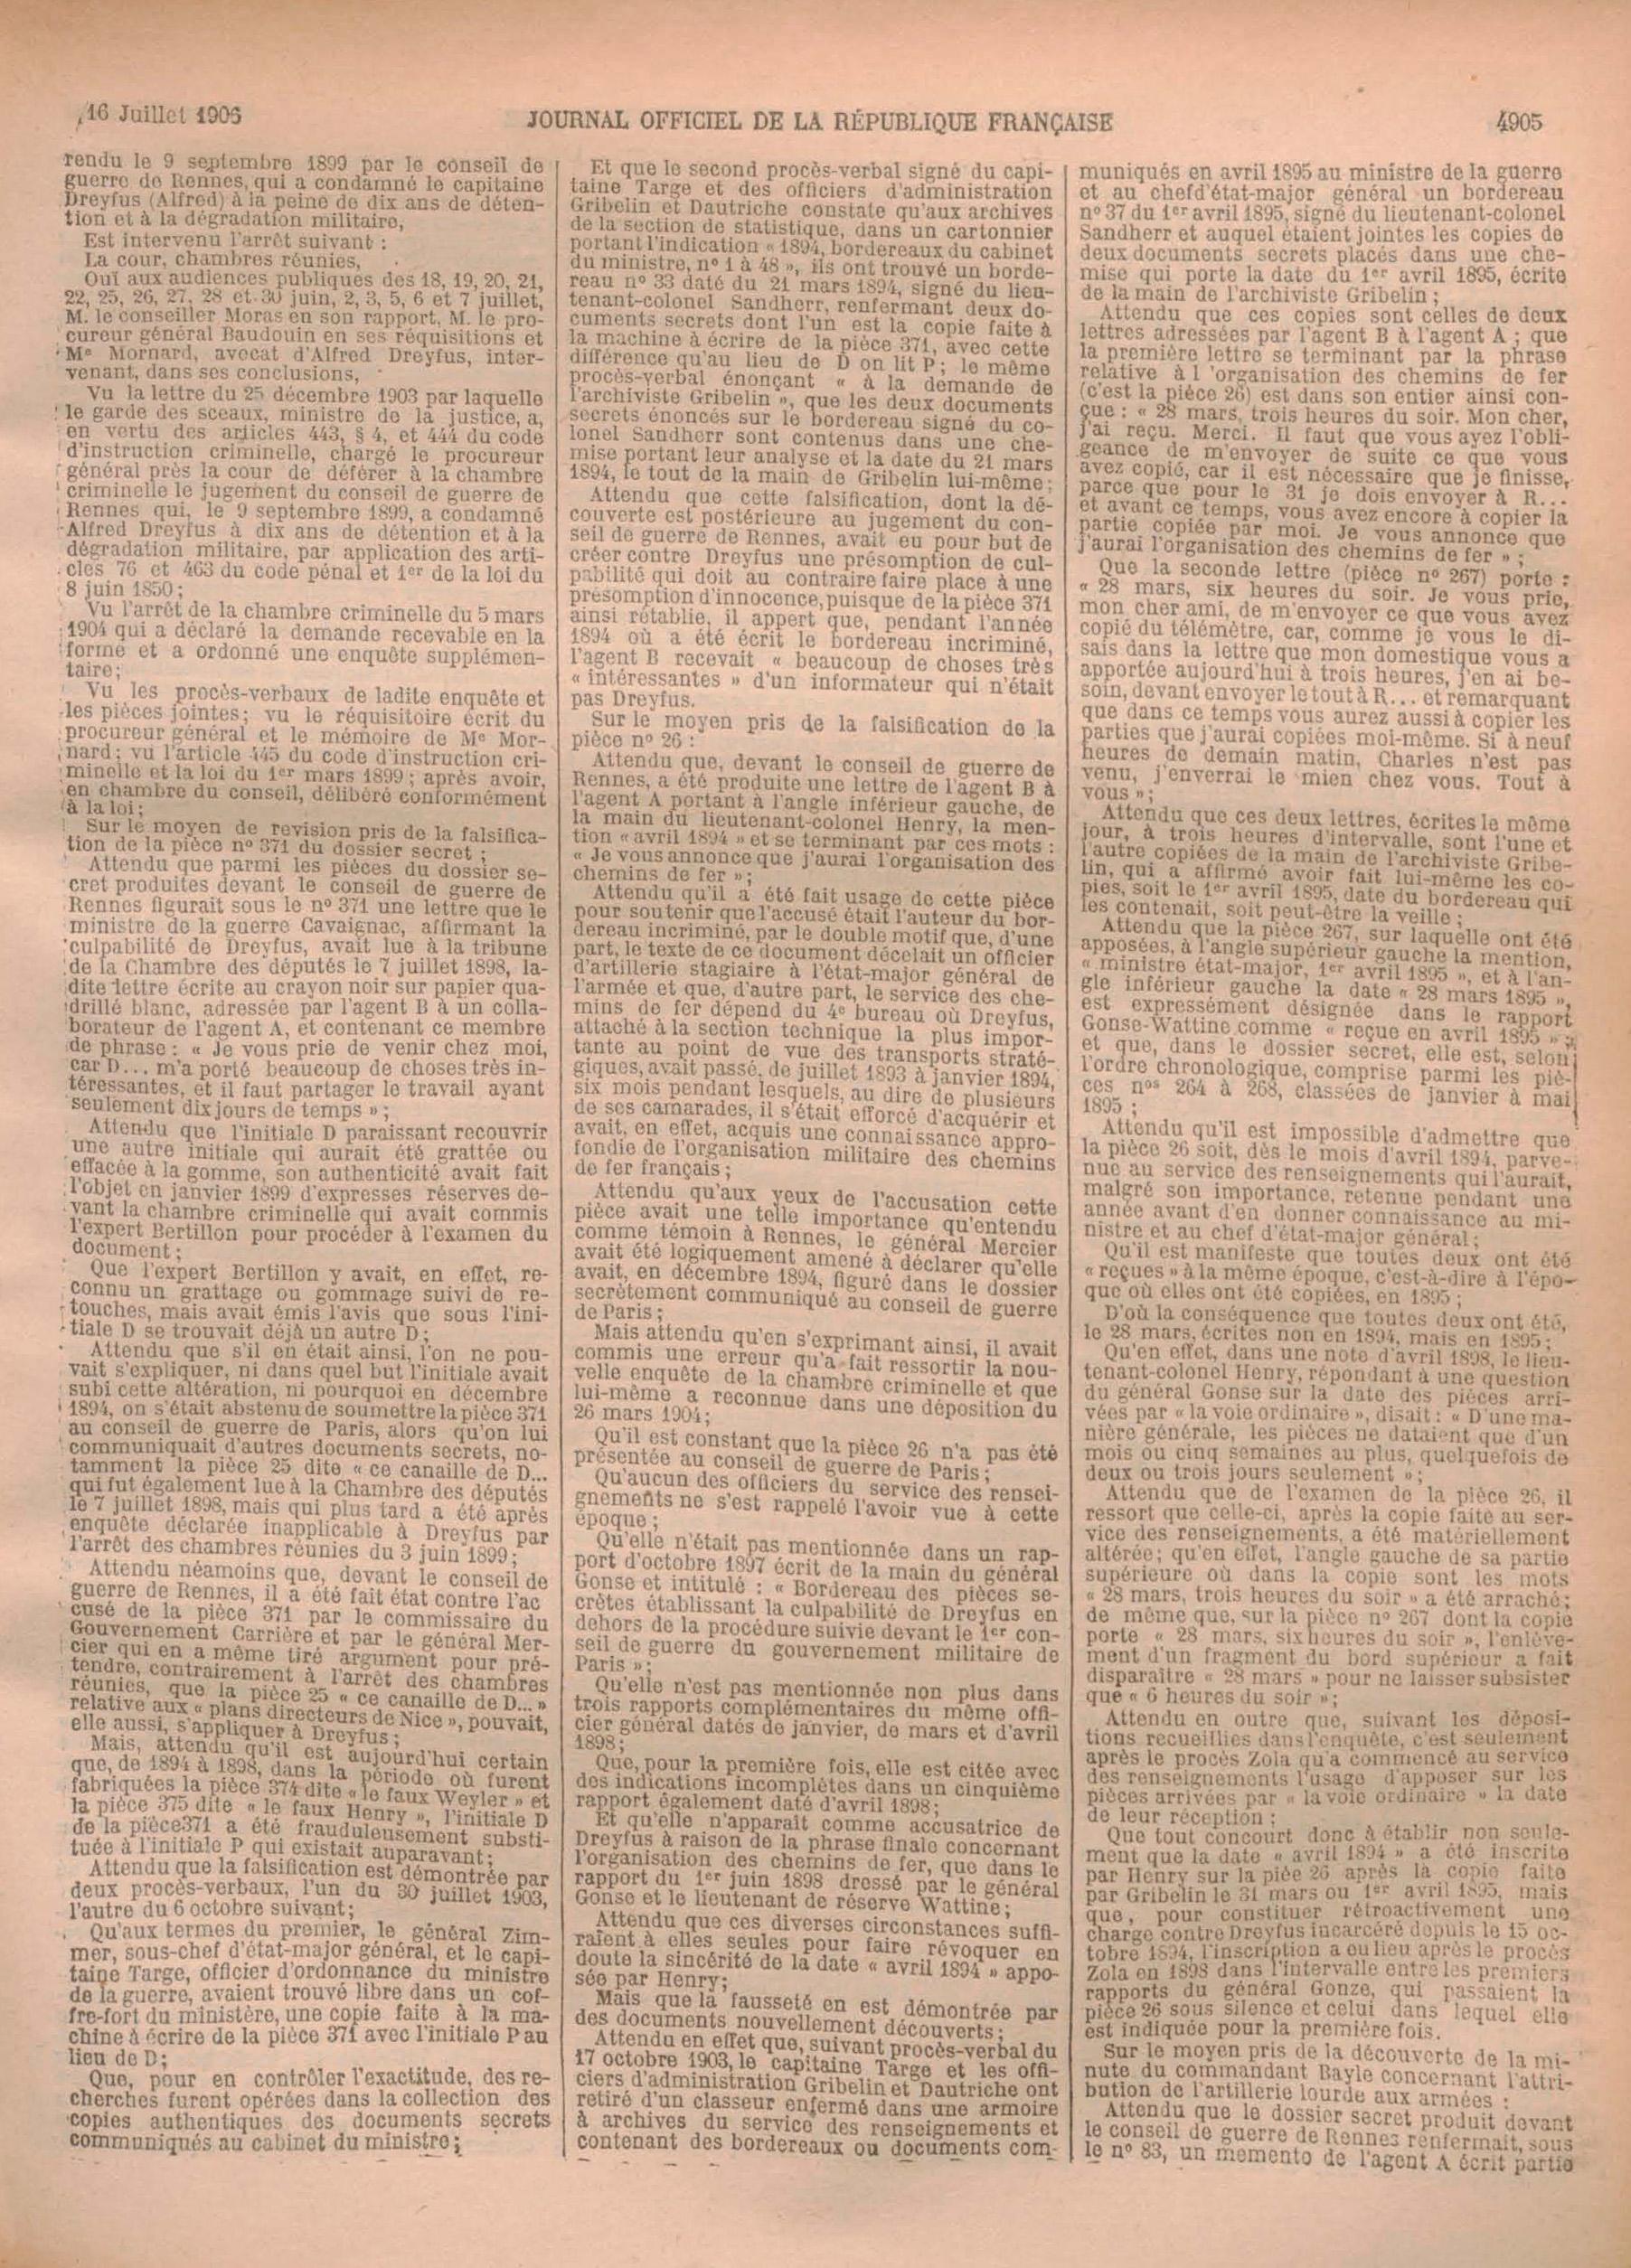 http://expo-paulviollet.univ-paris1.fr/wp-content/uploads/2017/09/Journal_officiel_de_la_République_minutes-cour-de-cass-12-juillet-1906_Page_2.jpg